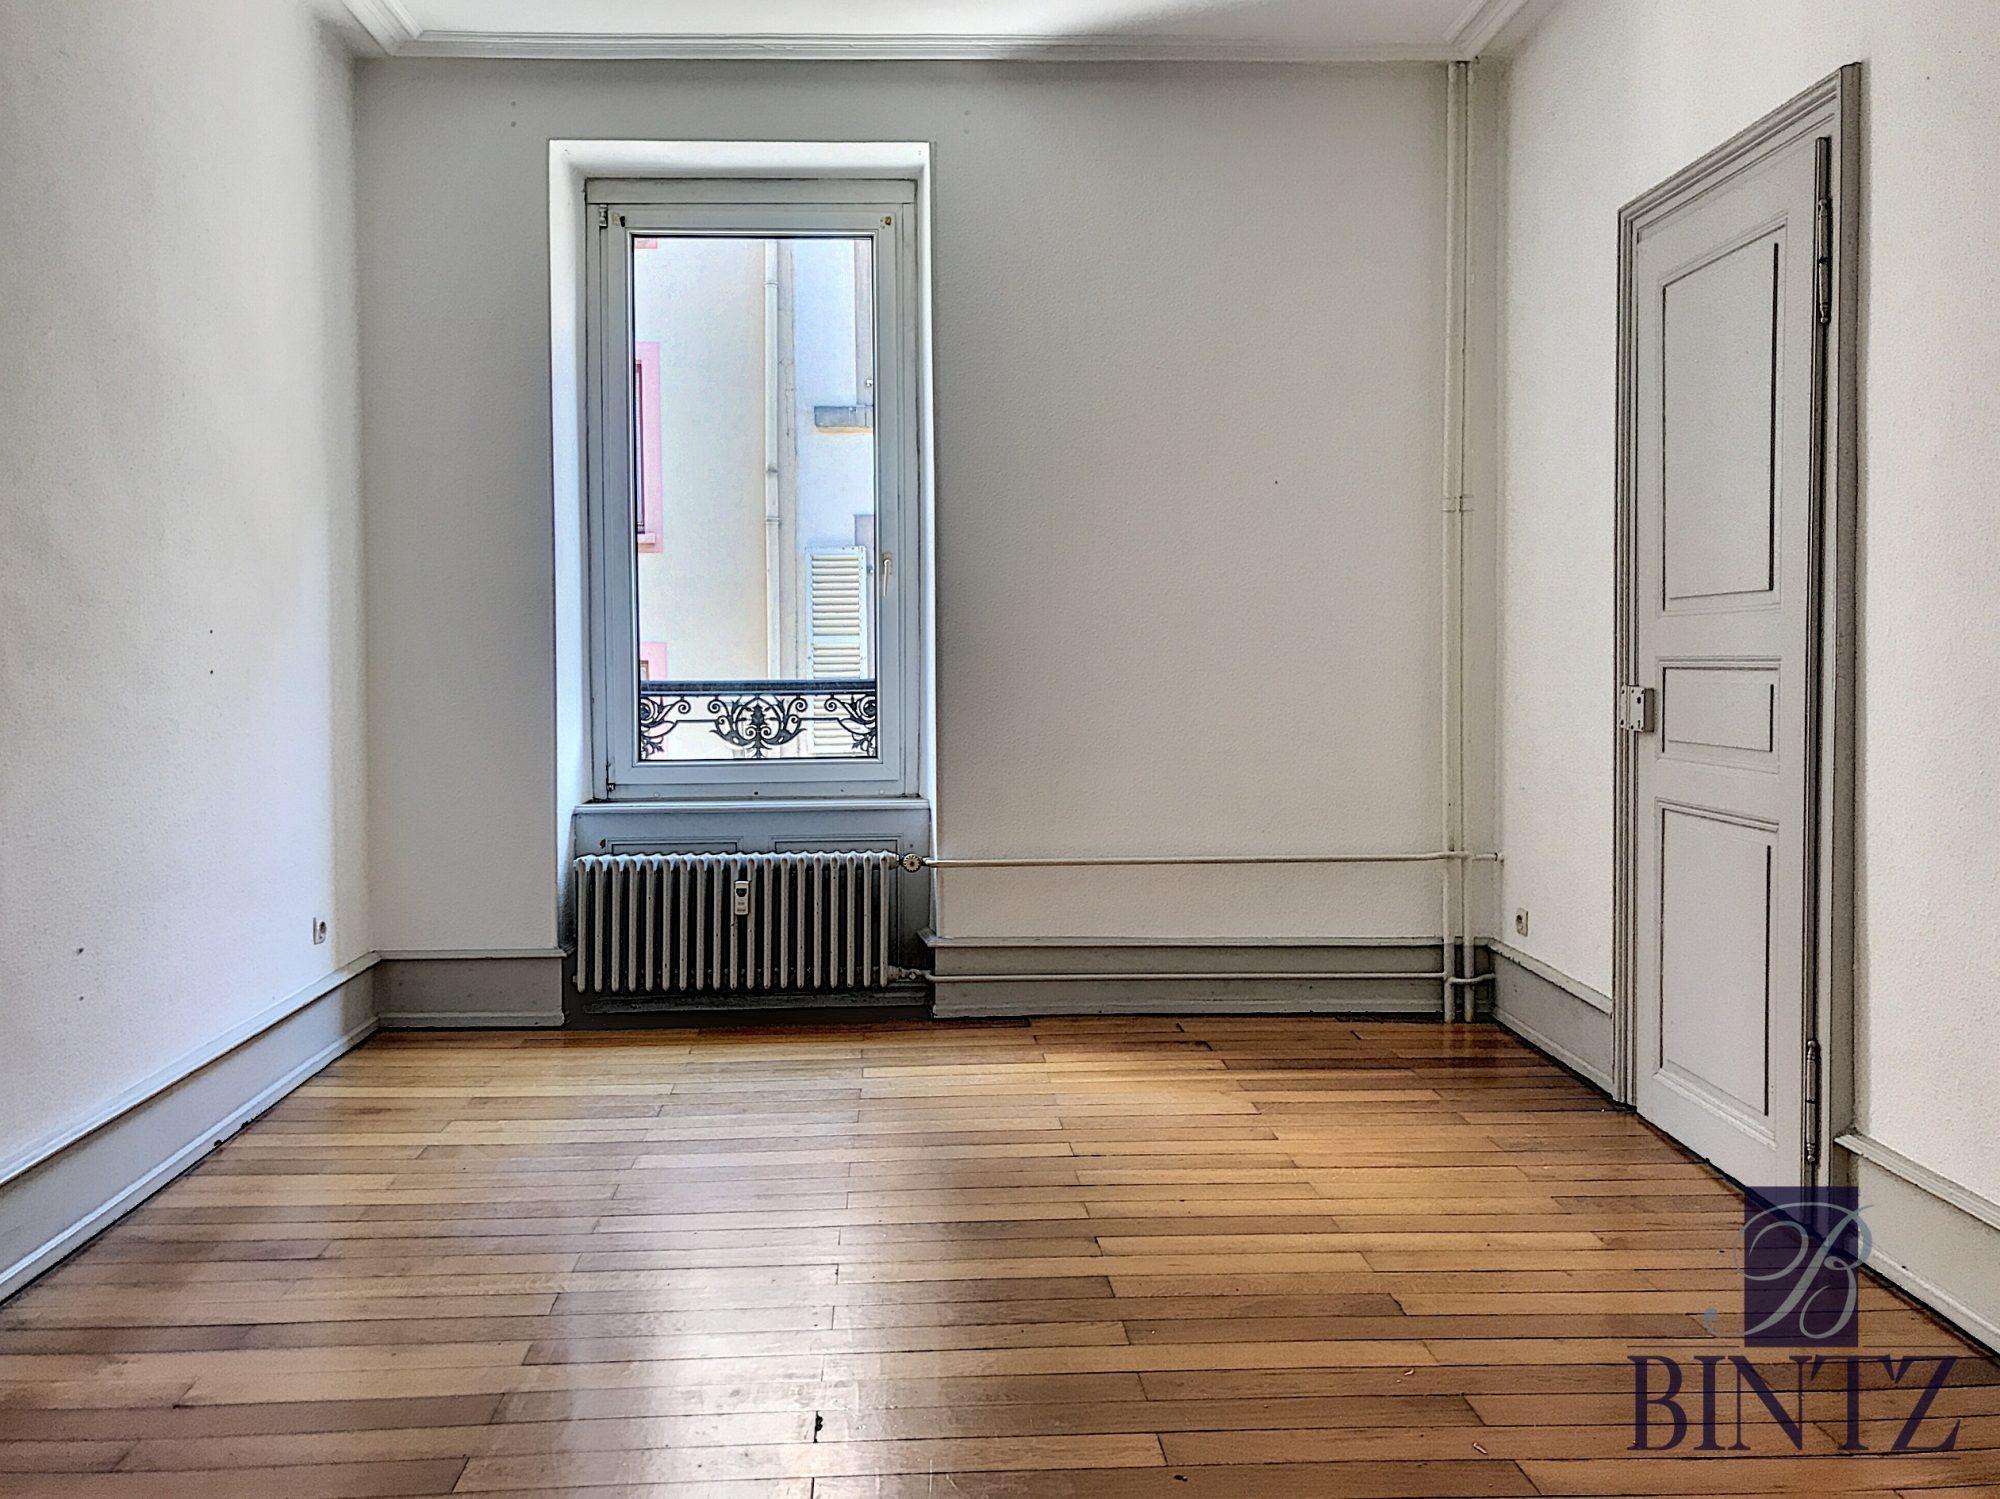 5 pièces à fort potentiel - Devenez propriétaire en toute confiance - Bintz Immobilier - 2